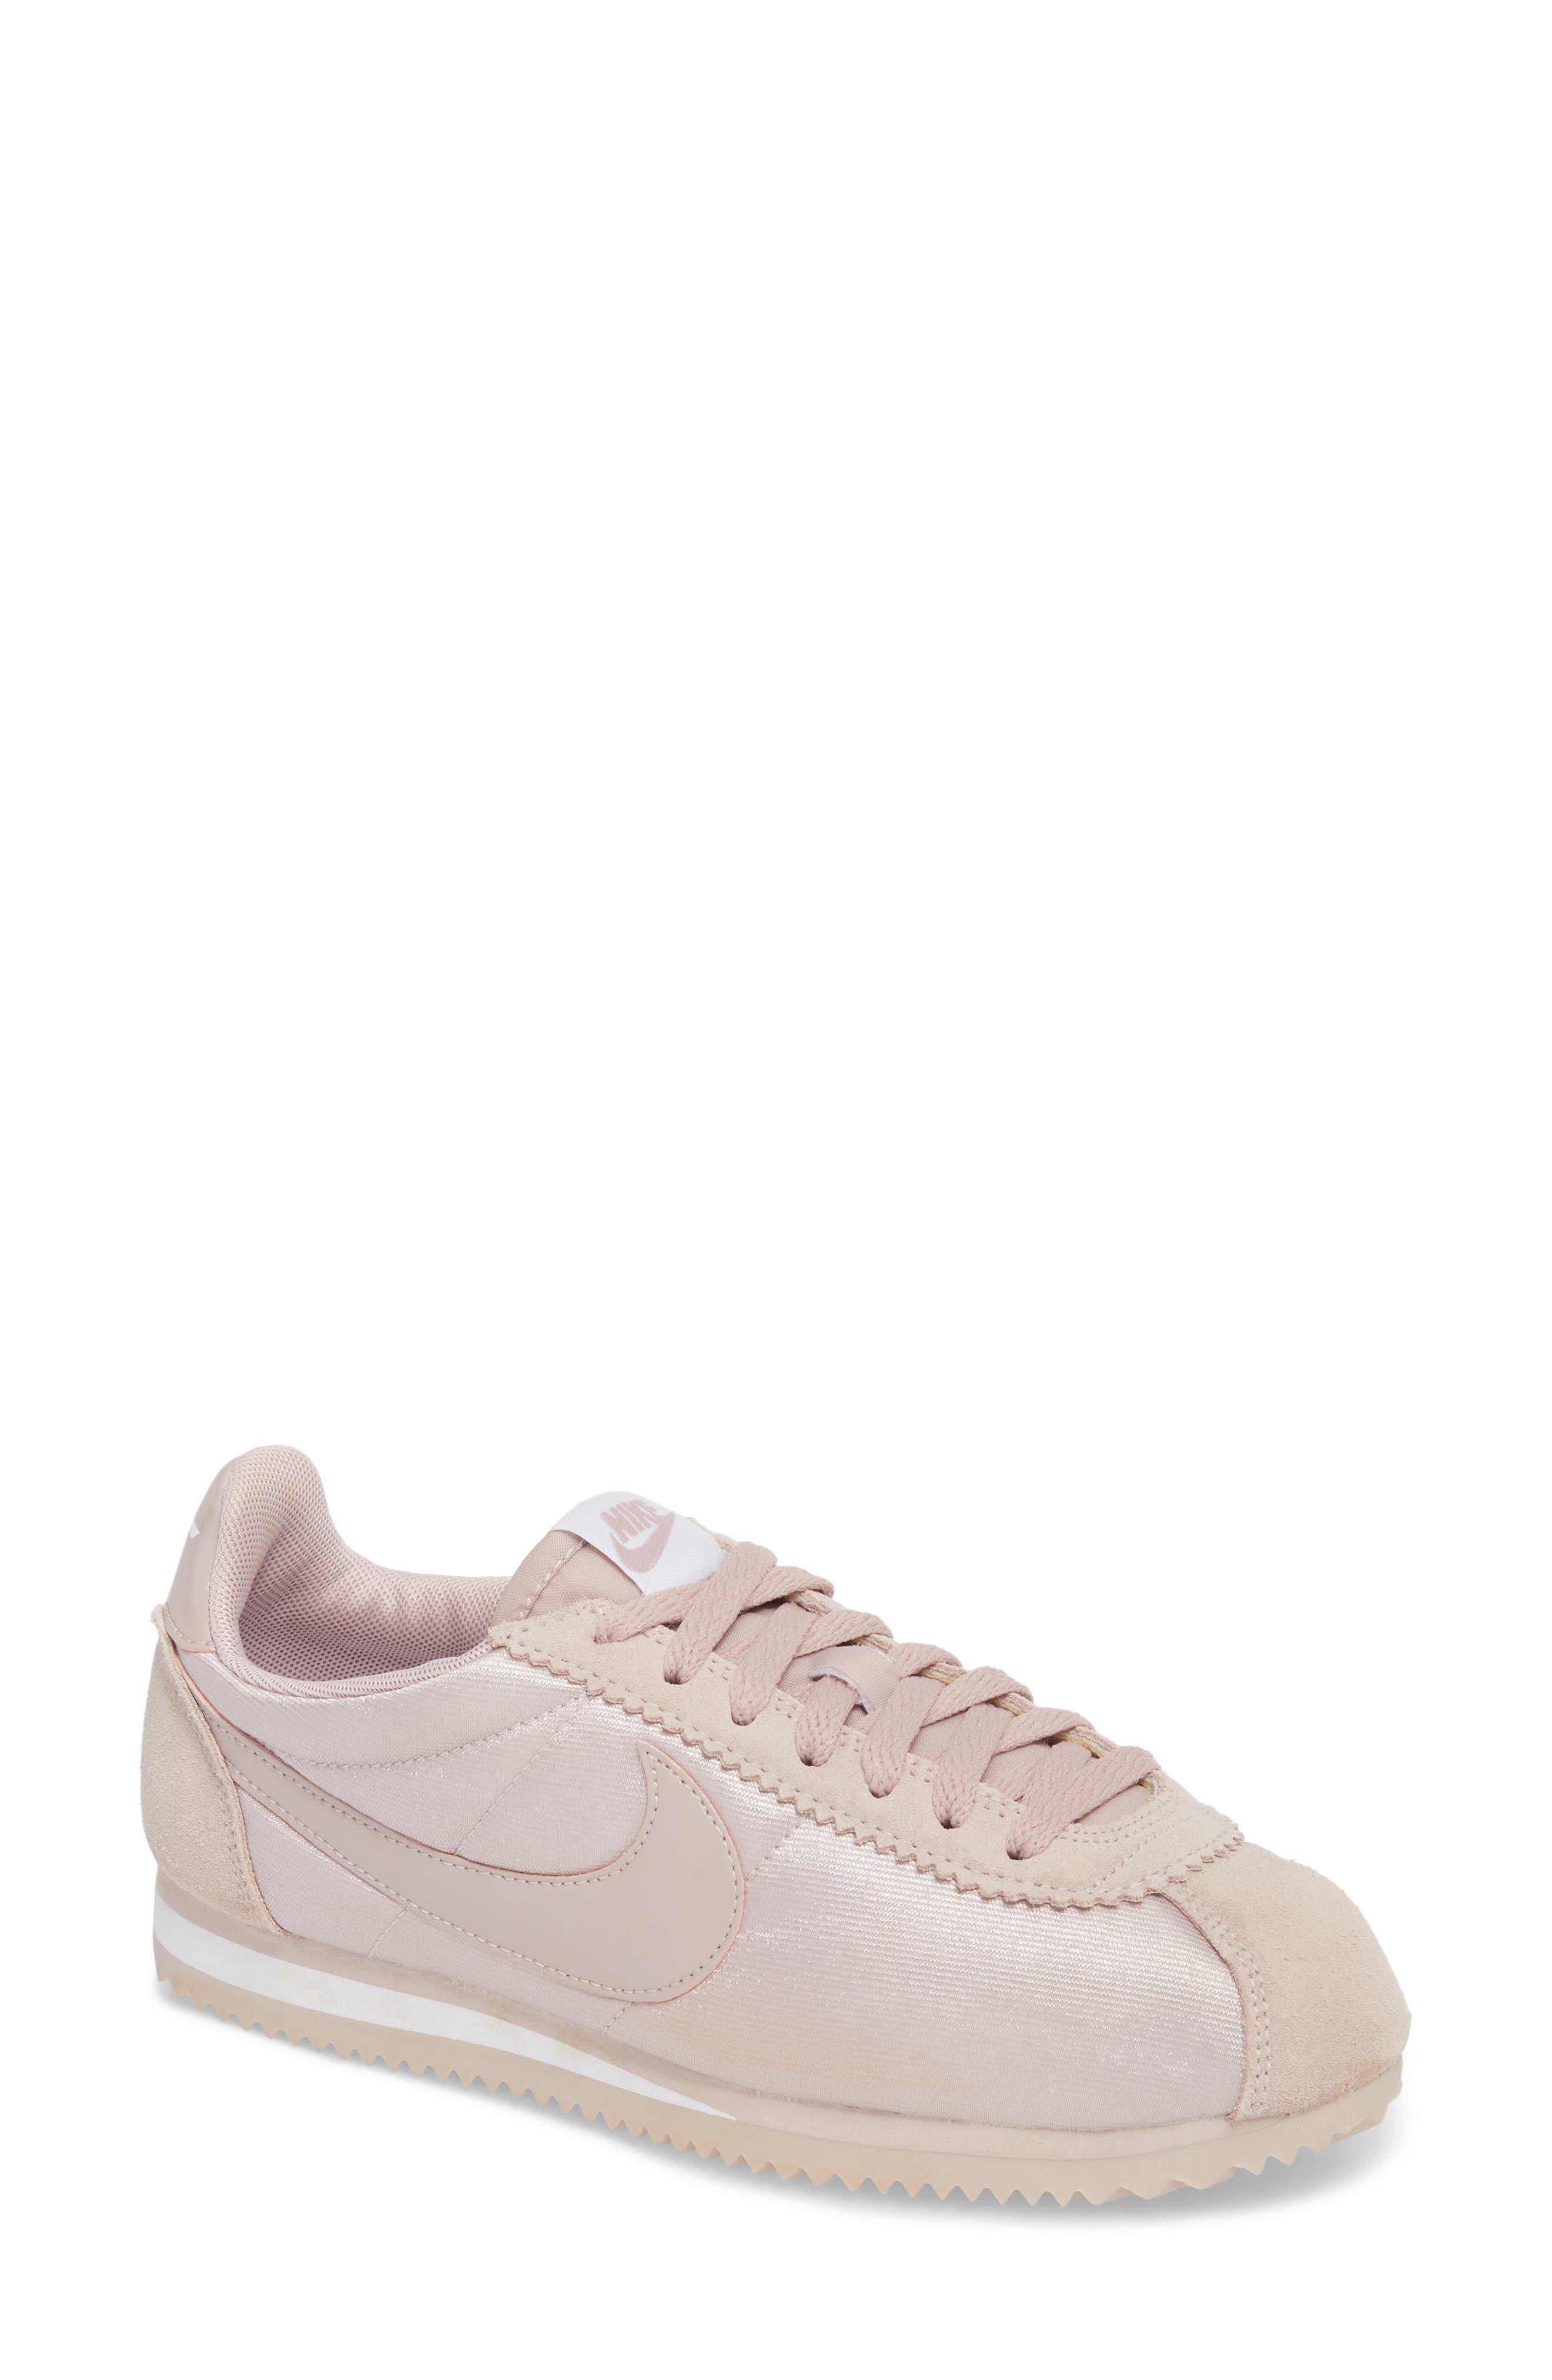 'Classic Cortez' Sneaker,                         Main,                         color, Particle Rose/ Particle Rose